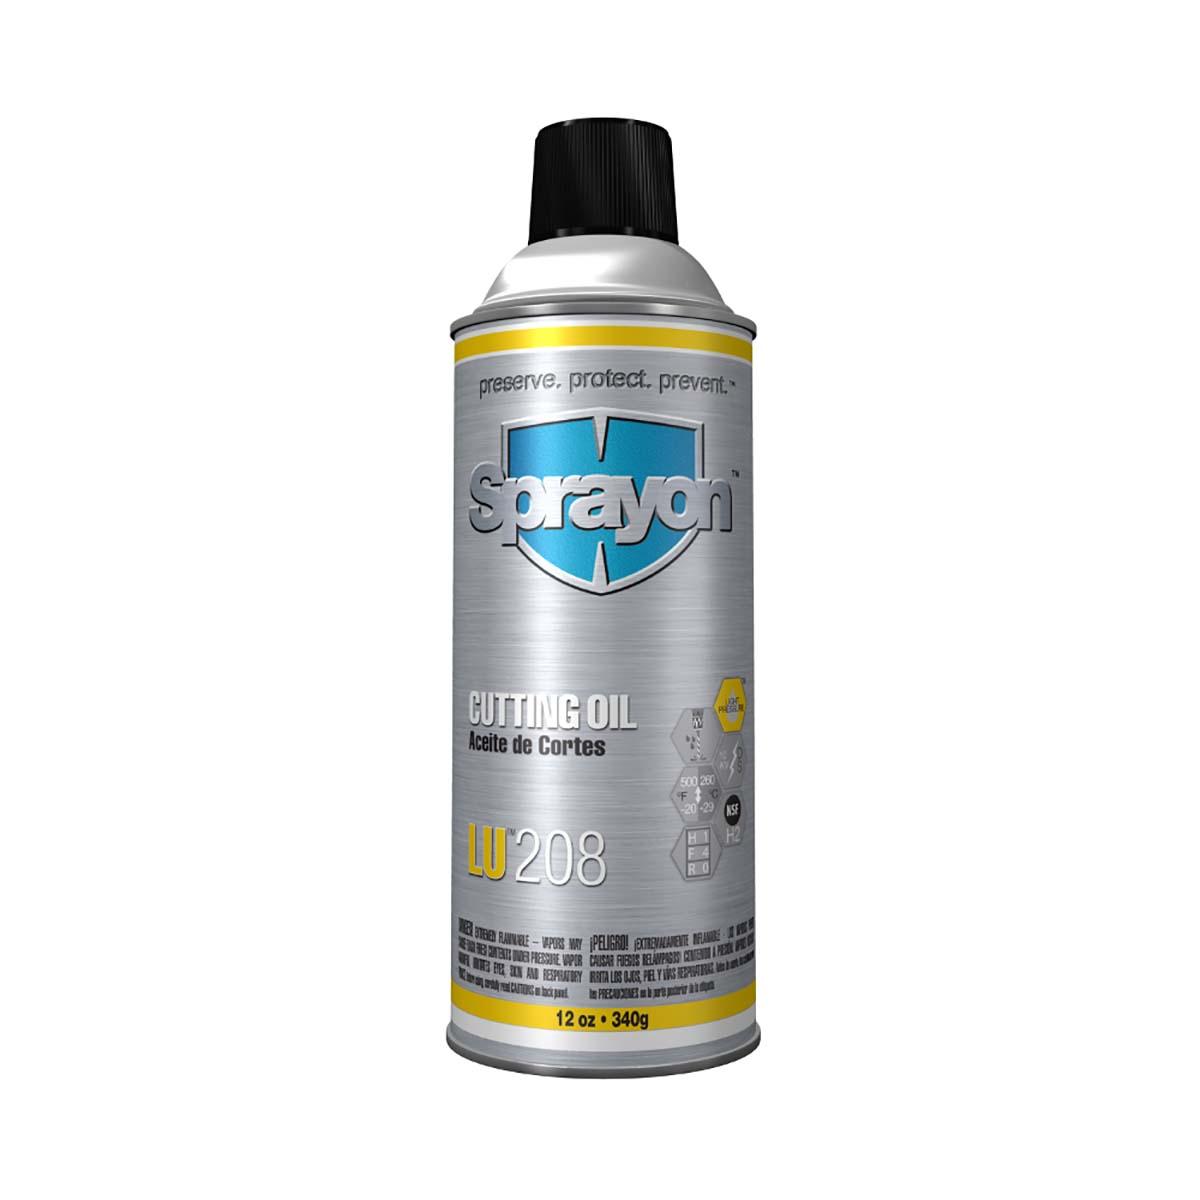 Sprayon Cutting Oil - Aerosol